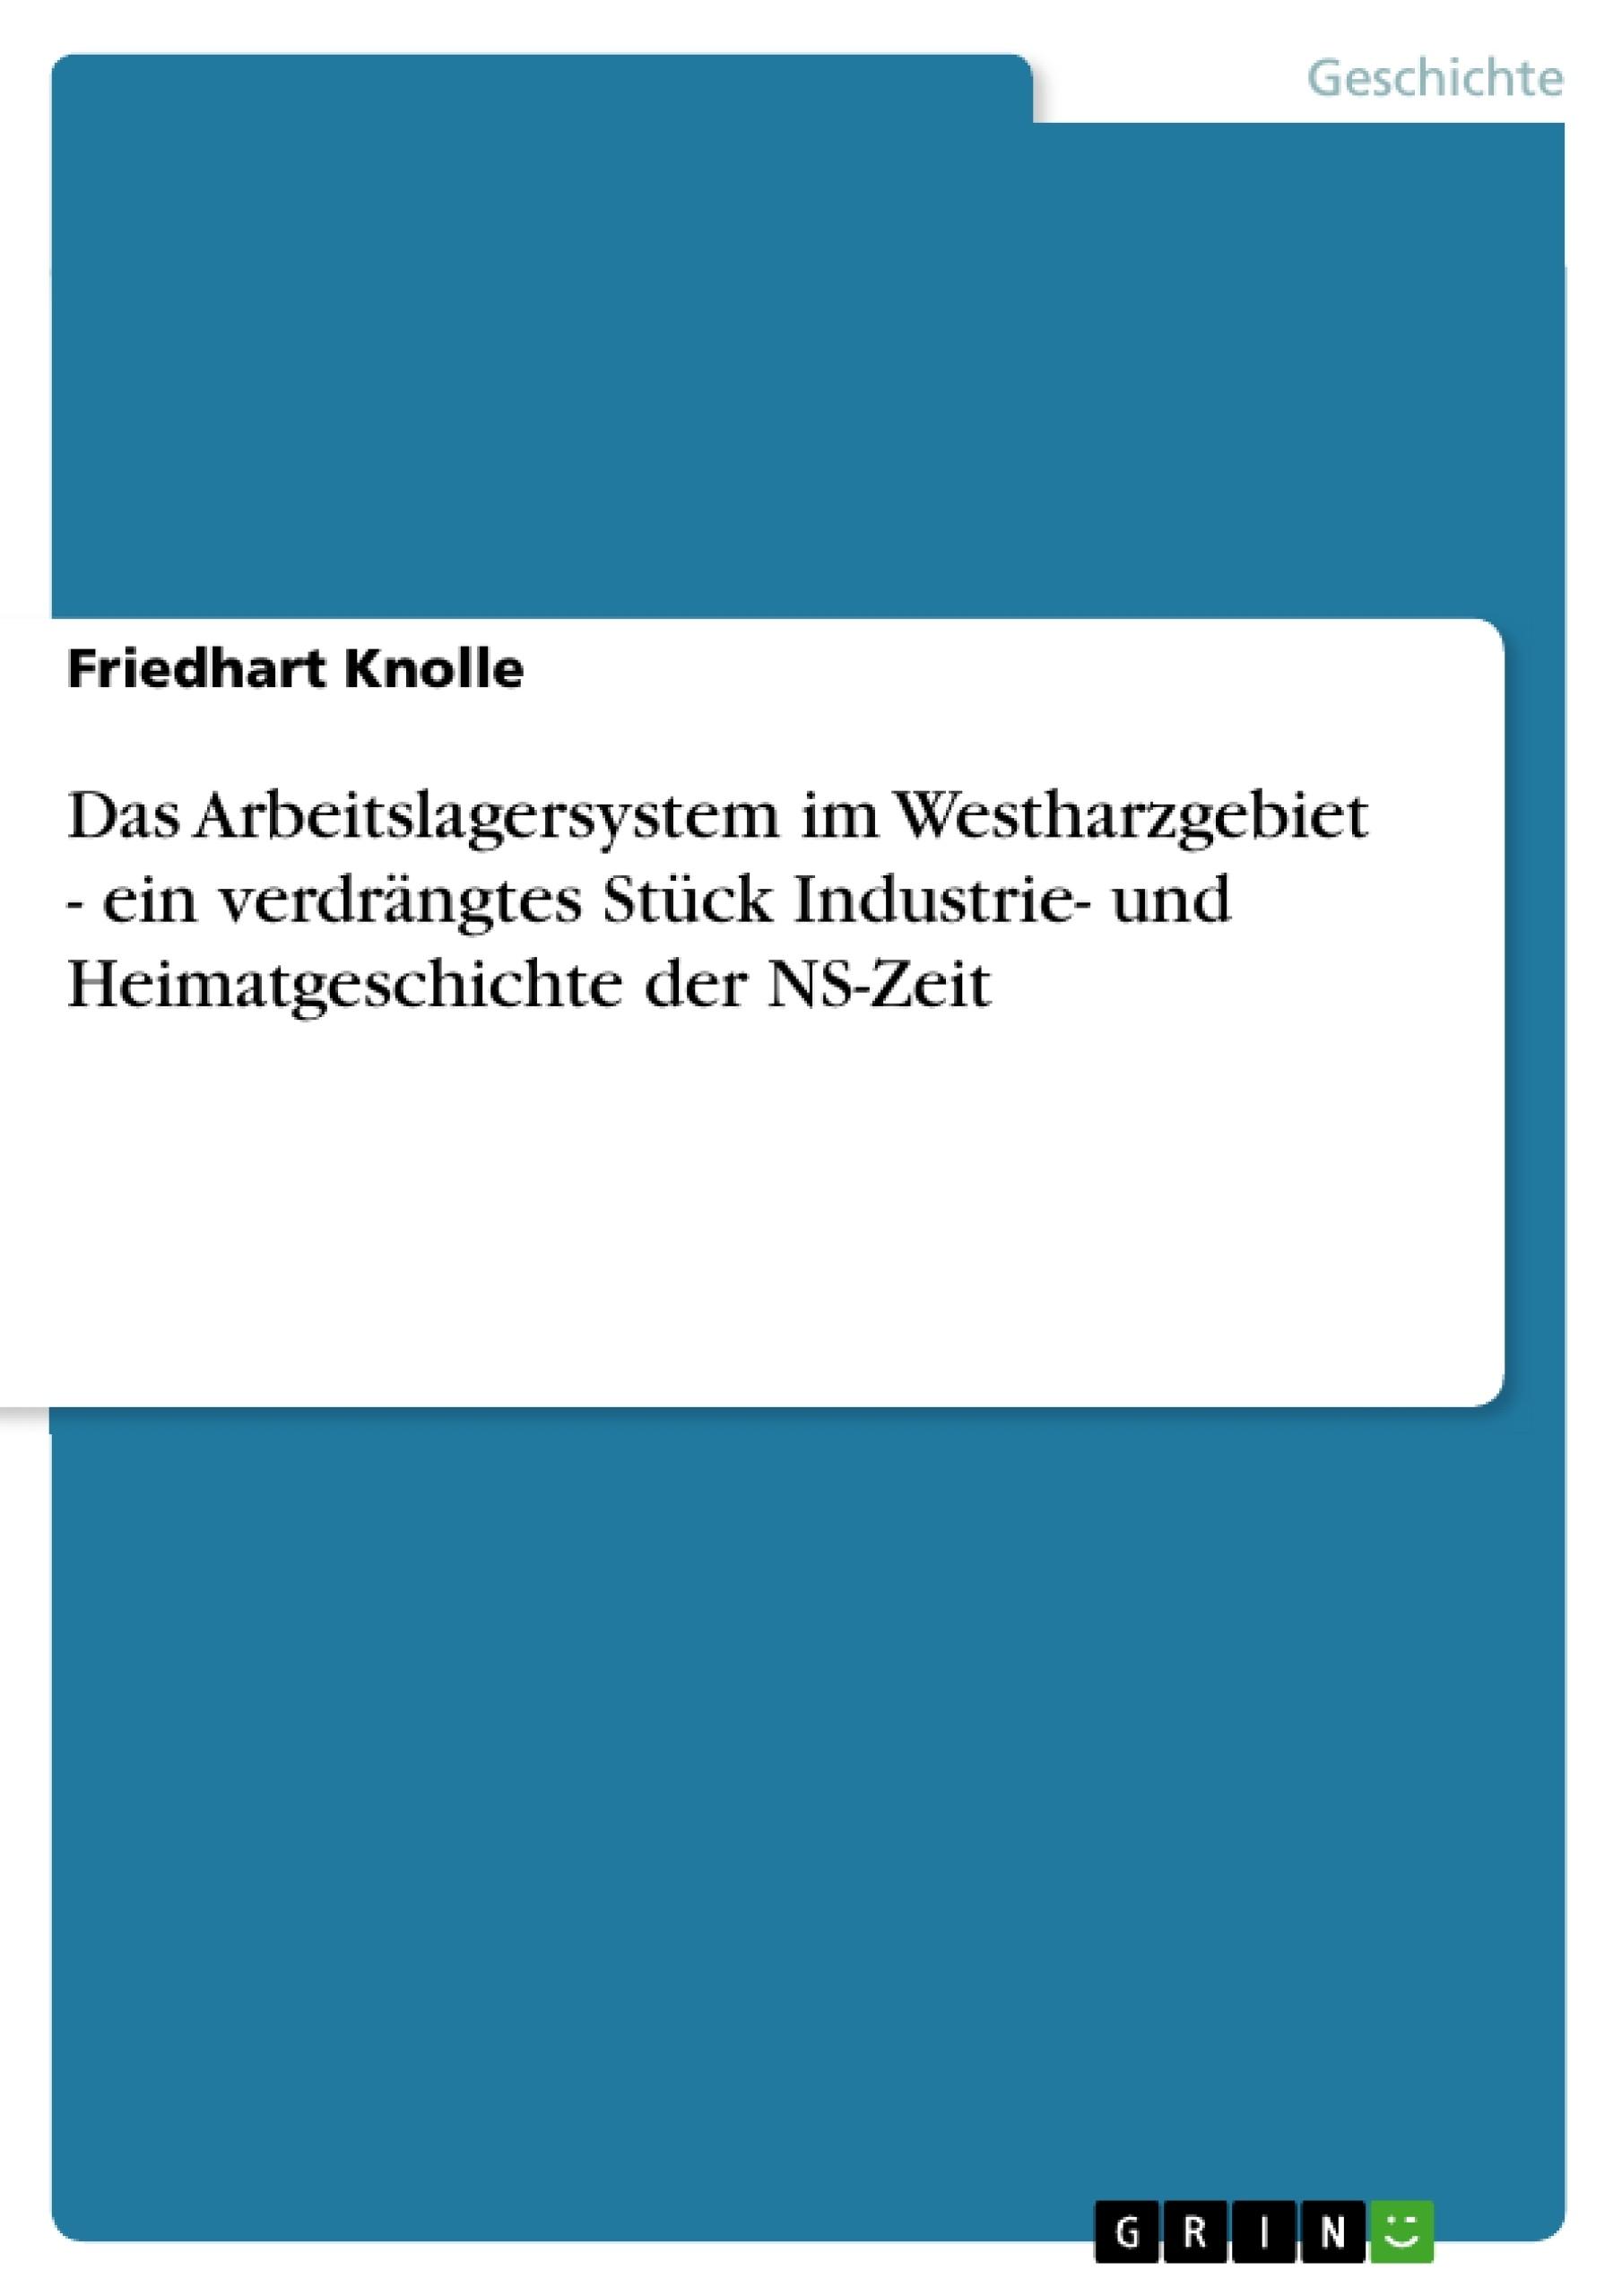 Titel: Das Arbeitslagersystem im Westharzgebiet - ein verdrängtes Stück Industrie- und Heimatgeschichte der NS-Zeit